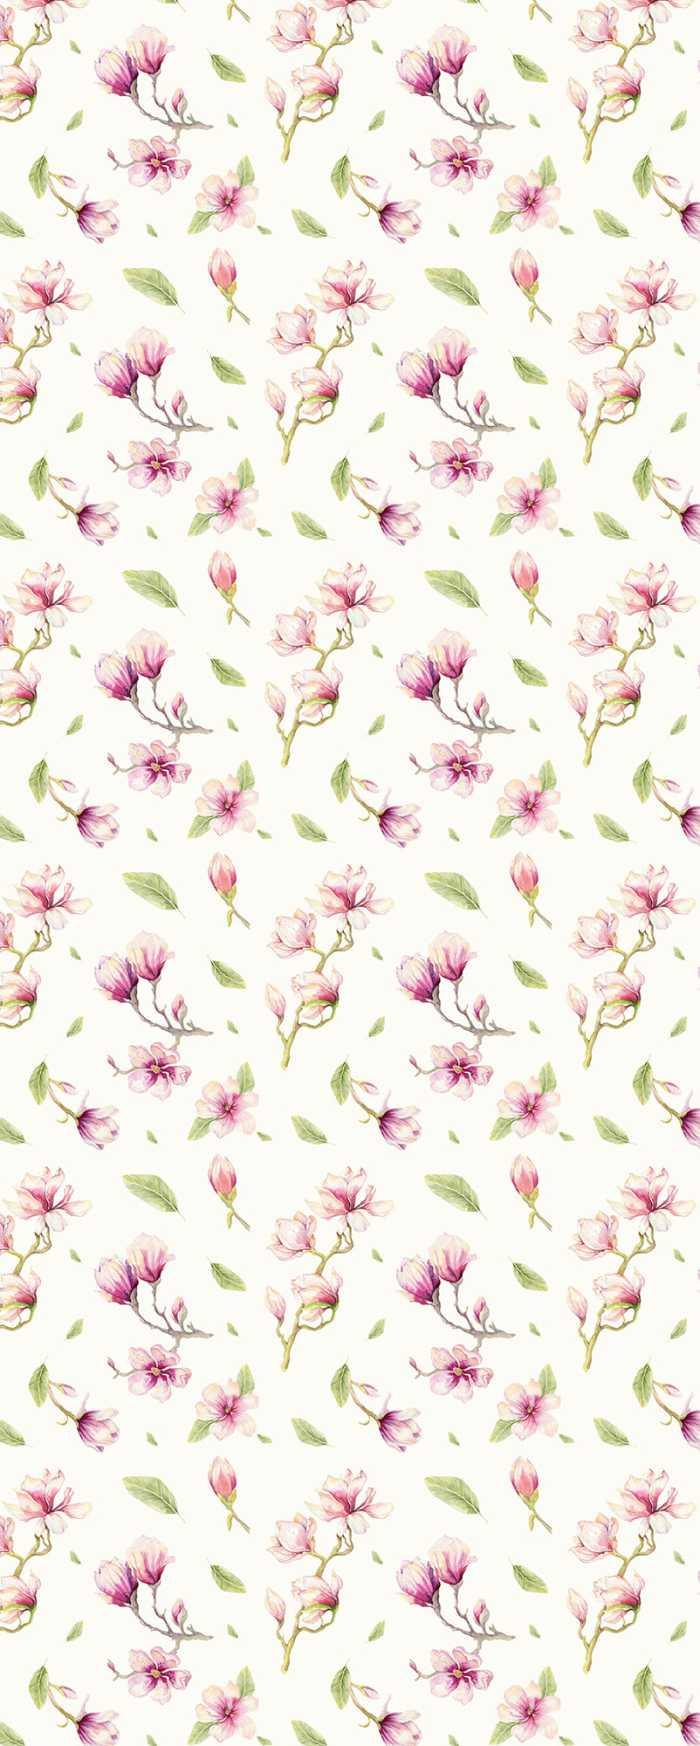 Digital wallpaper Magnolia Rapport